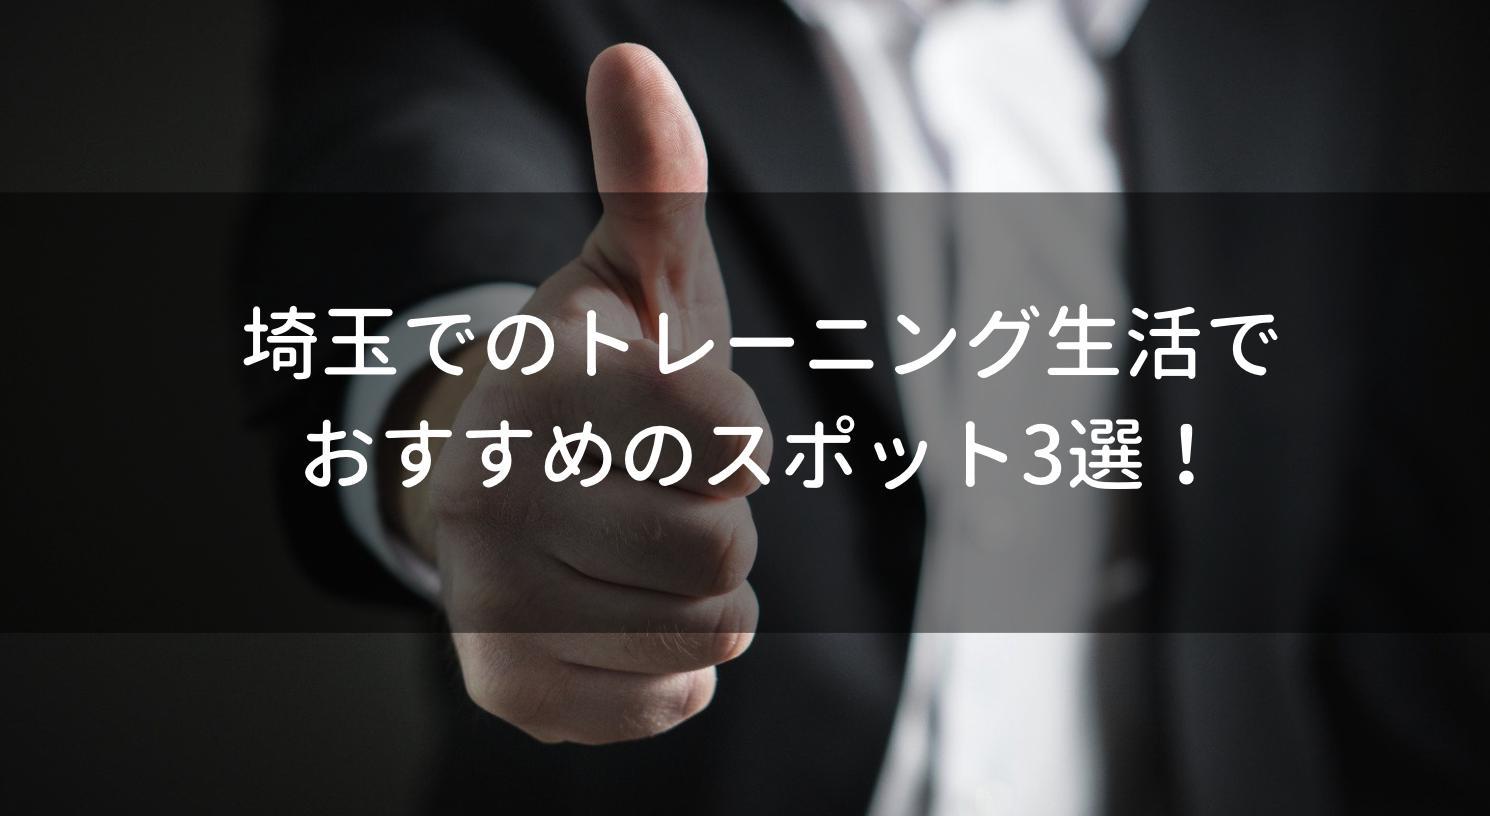 埼玉_ジム_パーソナルジム_おすすめ_スポット